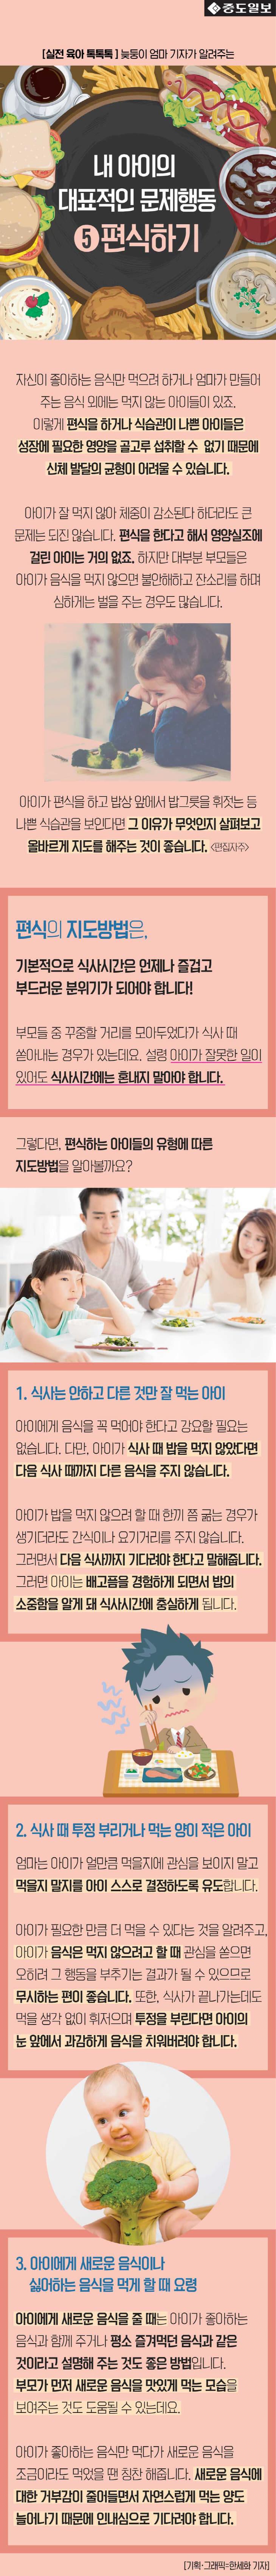 육아-문제행동-5.편식하기-진